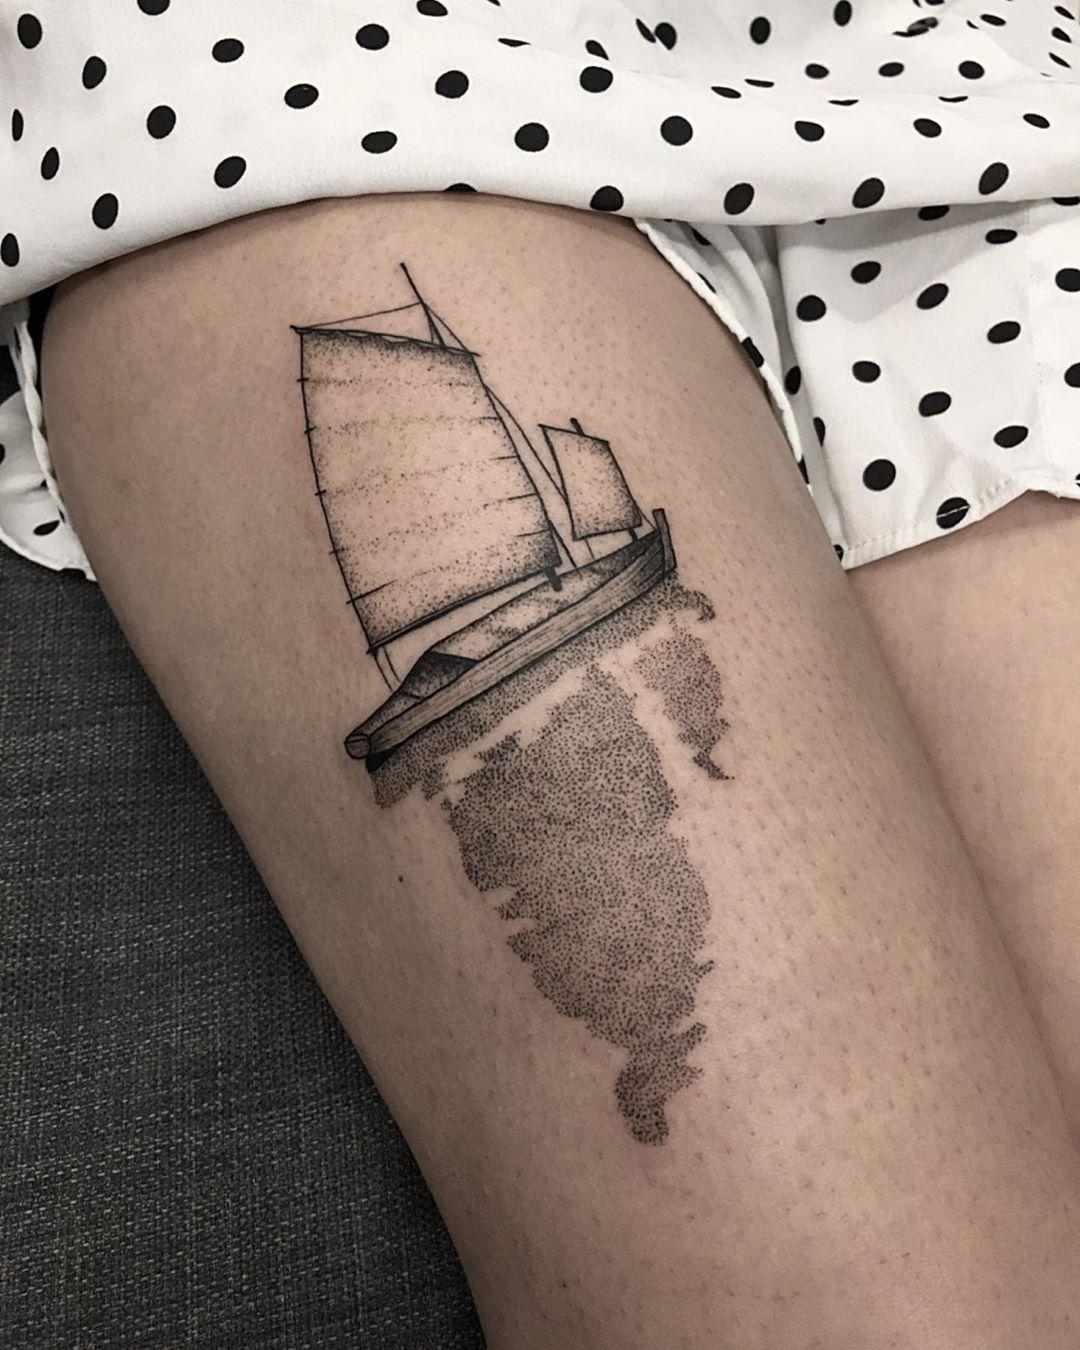 Boat reflections by @sztuka_wojny